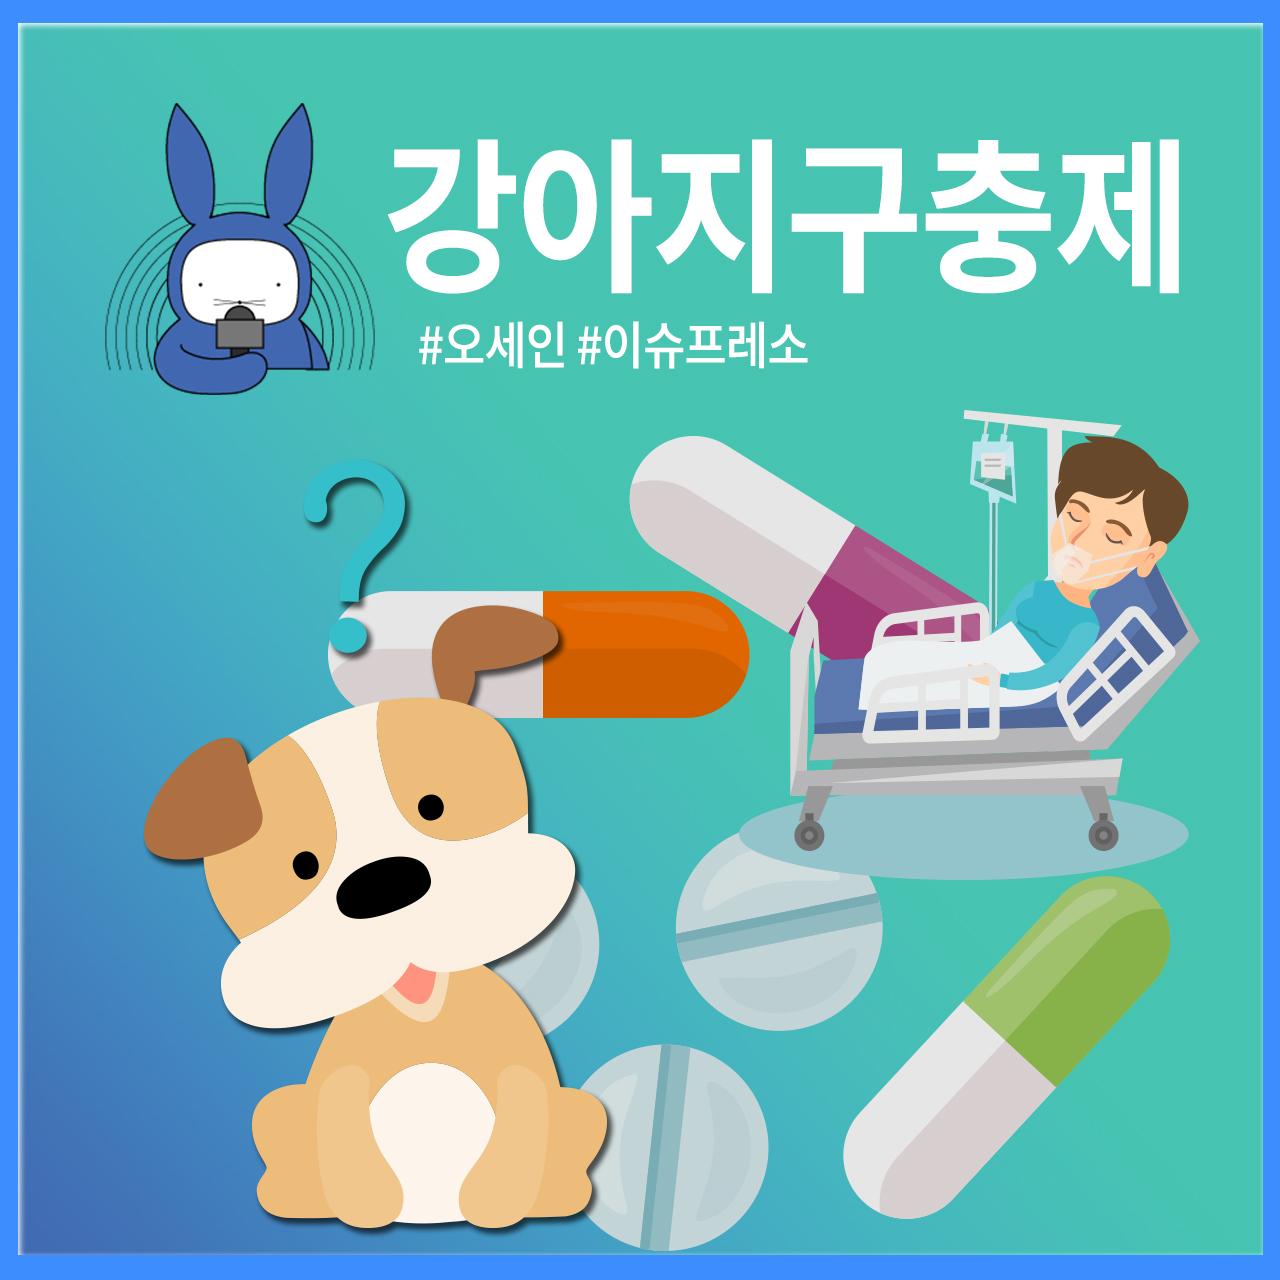 [오디오래빗] 암 치료 소문에 품절까지 #강아지구충제